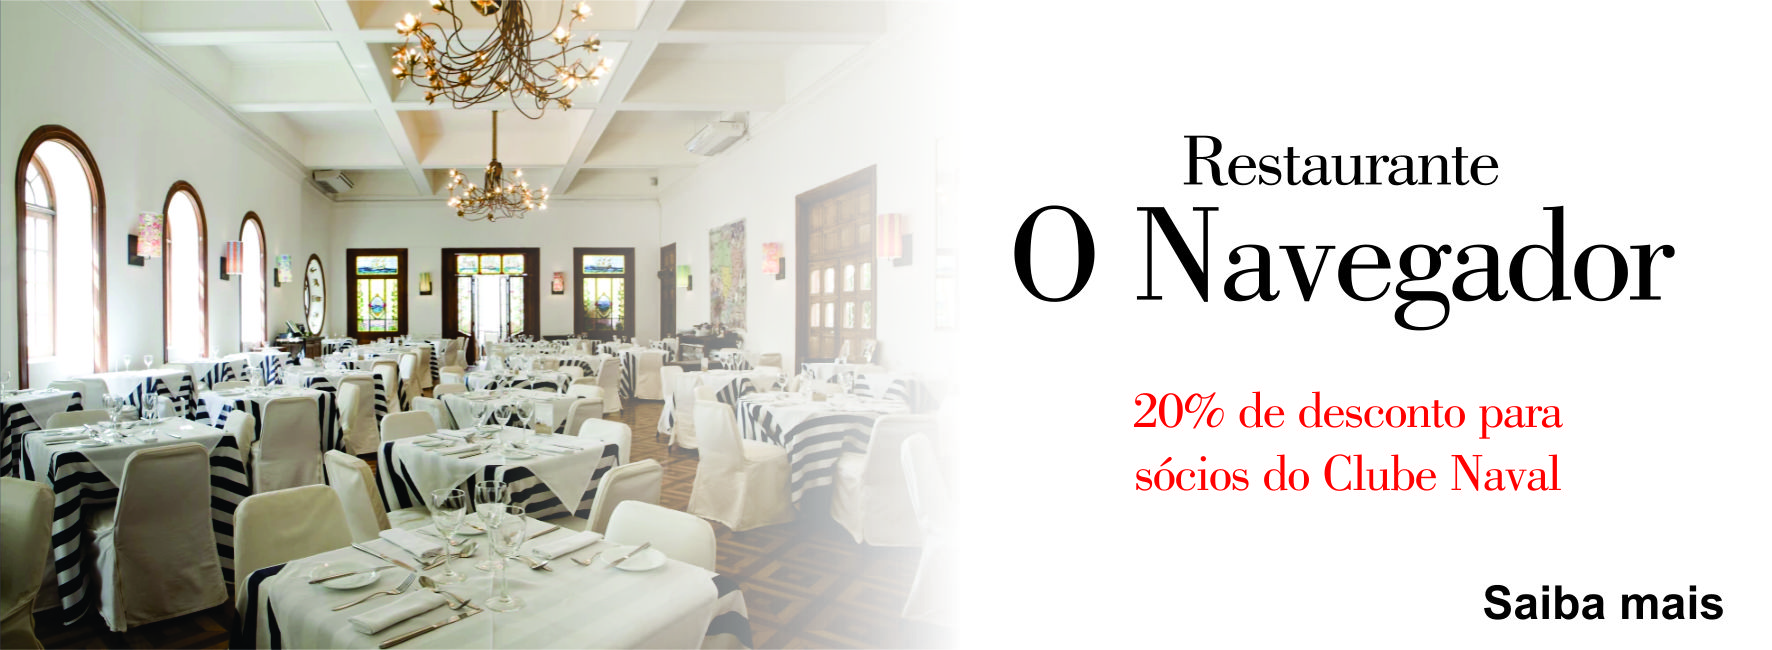 https://www.clubenaval.org.br/novo/restaurante-o-navegador-com-20-de-desconto